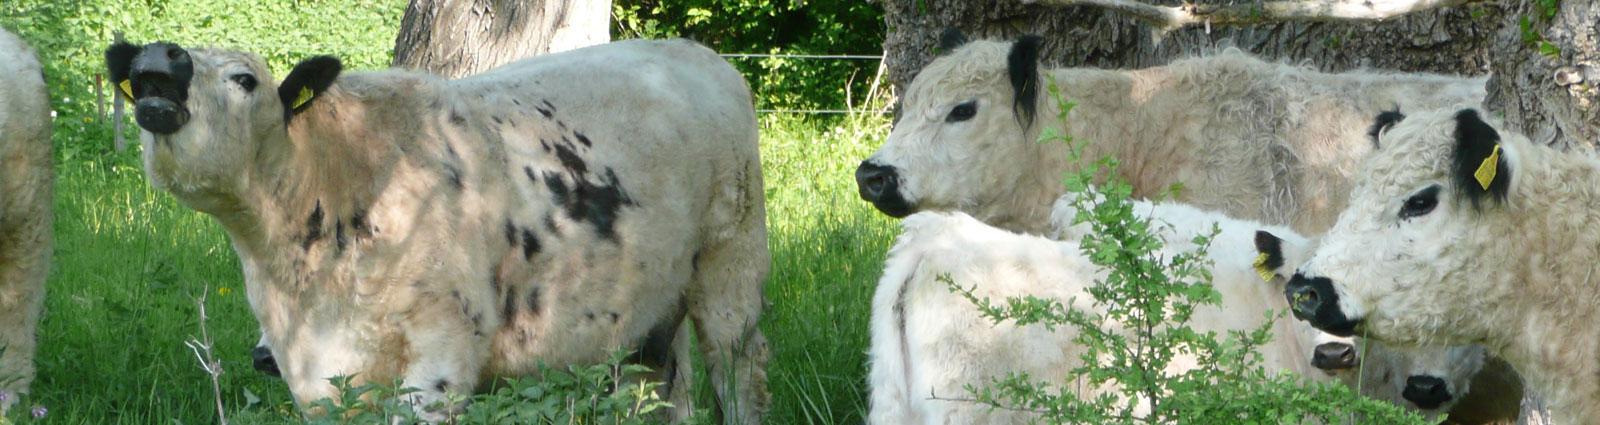 Fleischerei Willers Bremen - Kühe auf der Weide